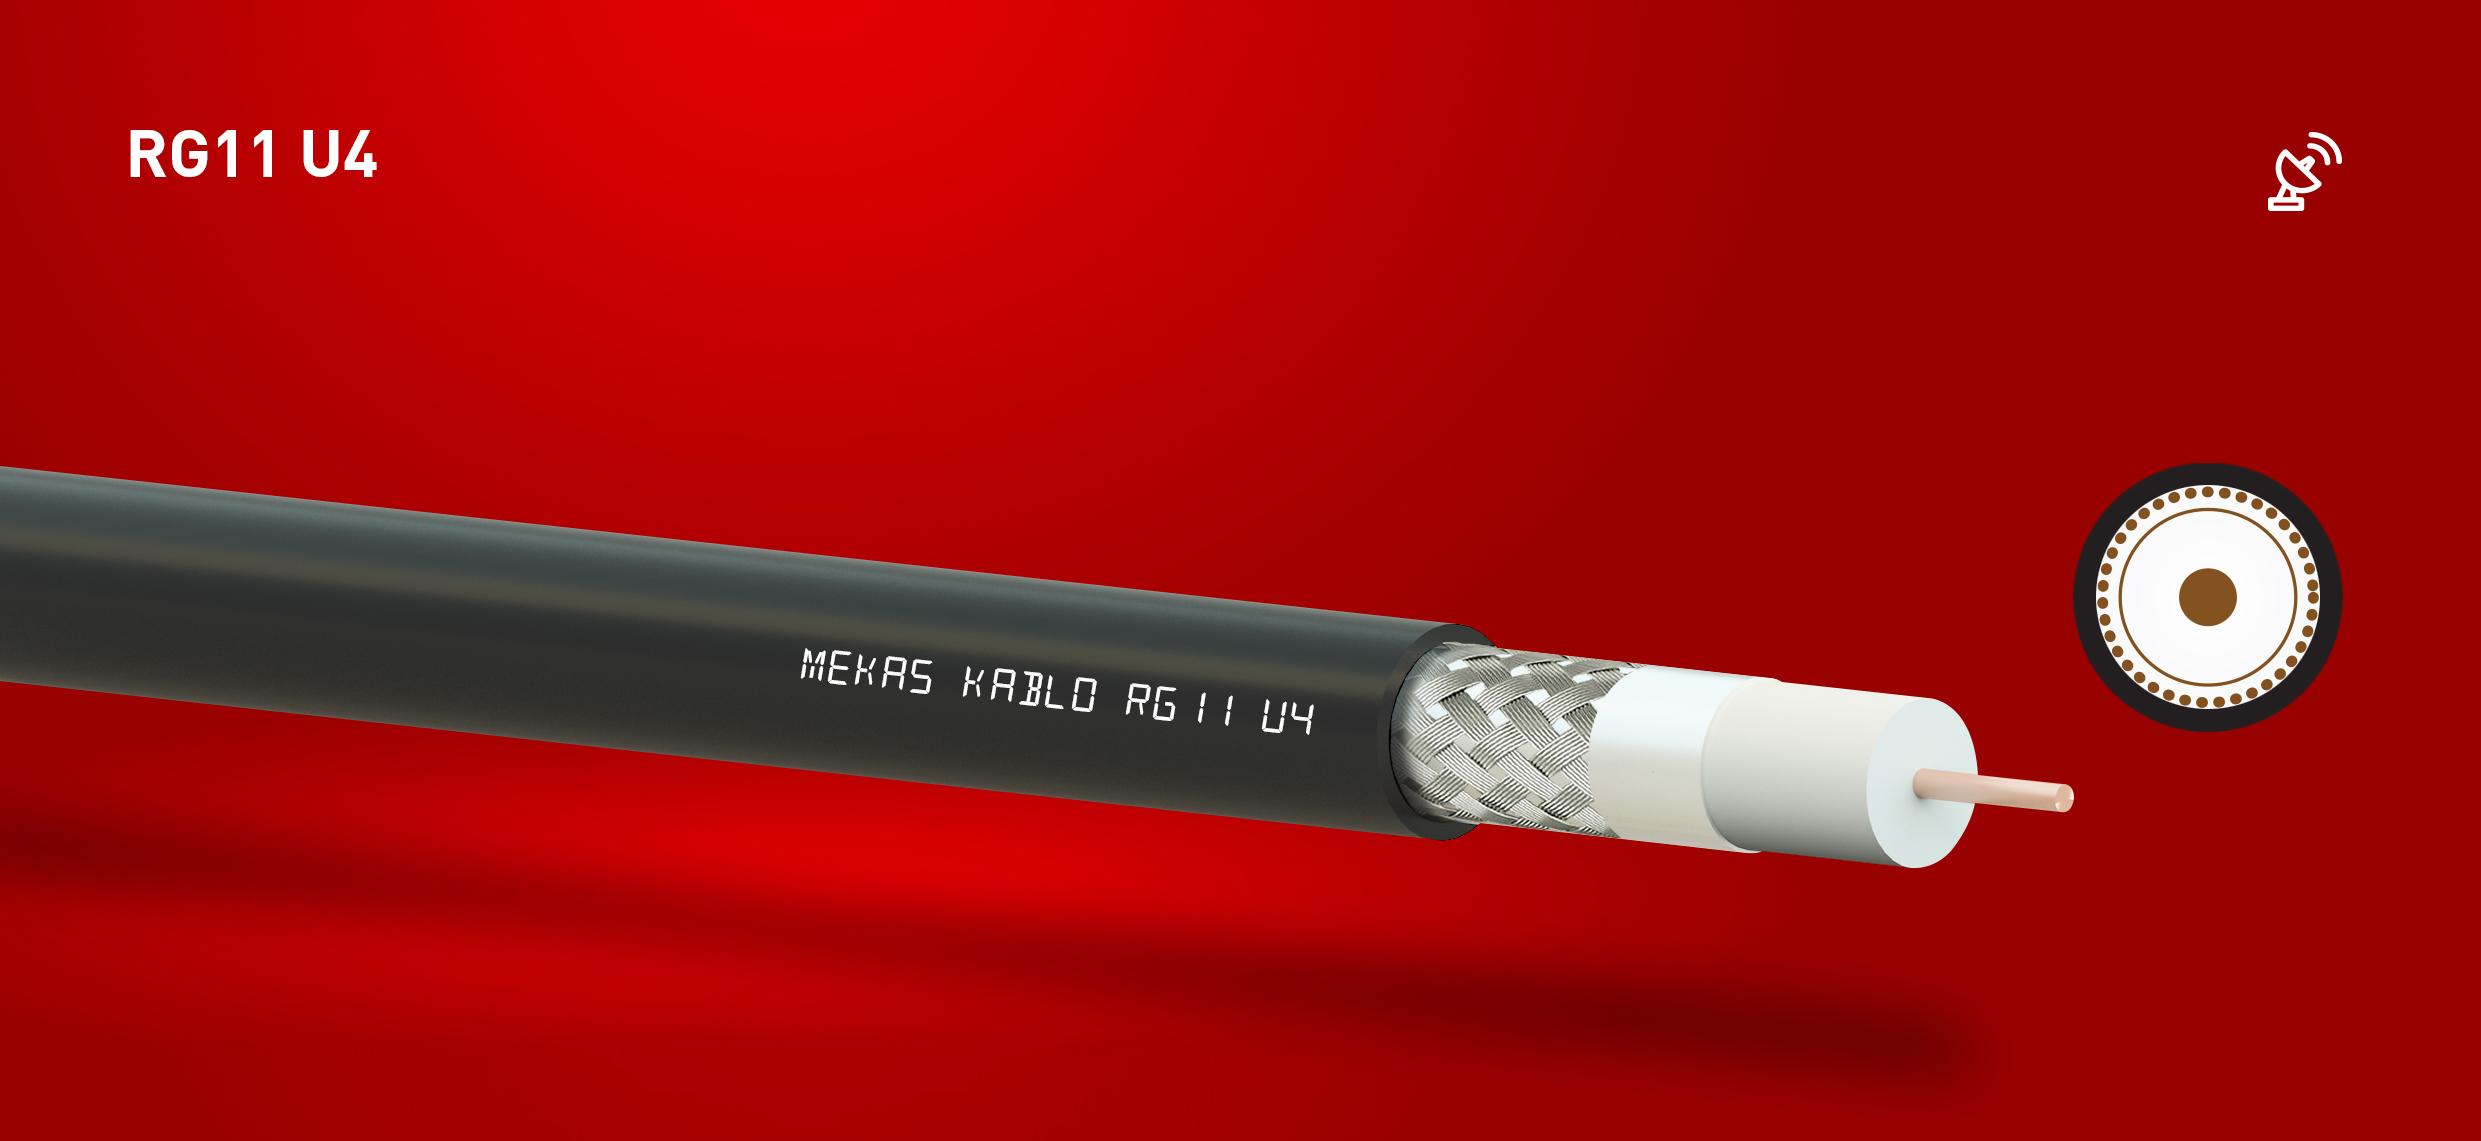 koaksiyel kablo rg11 u4